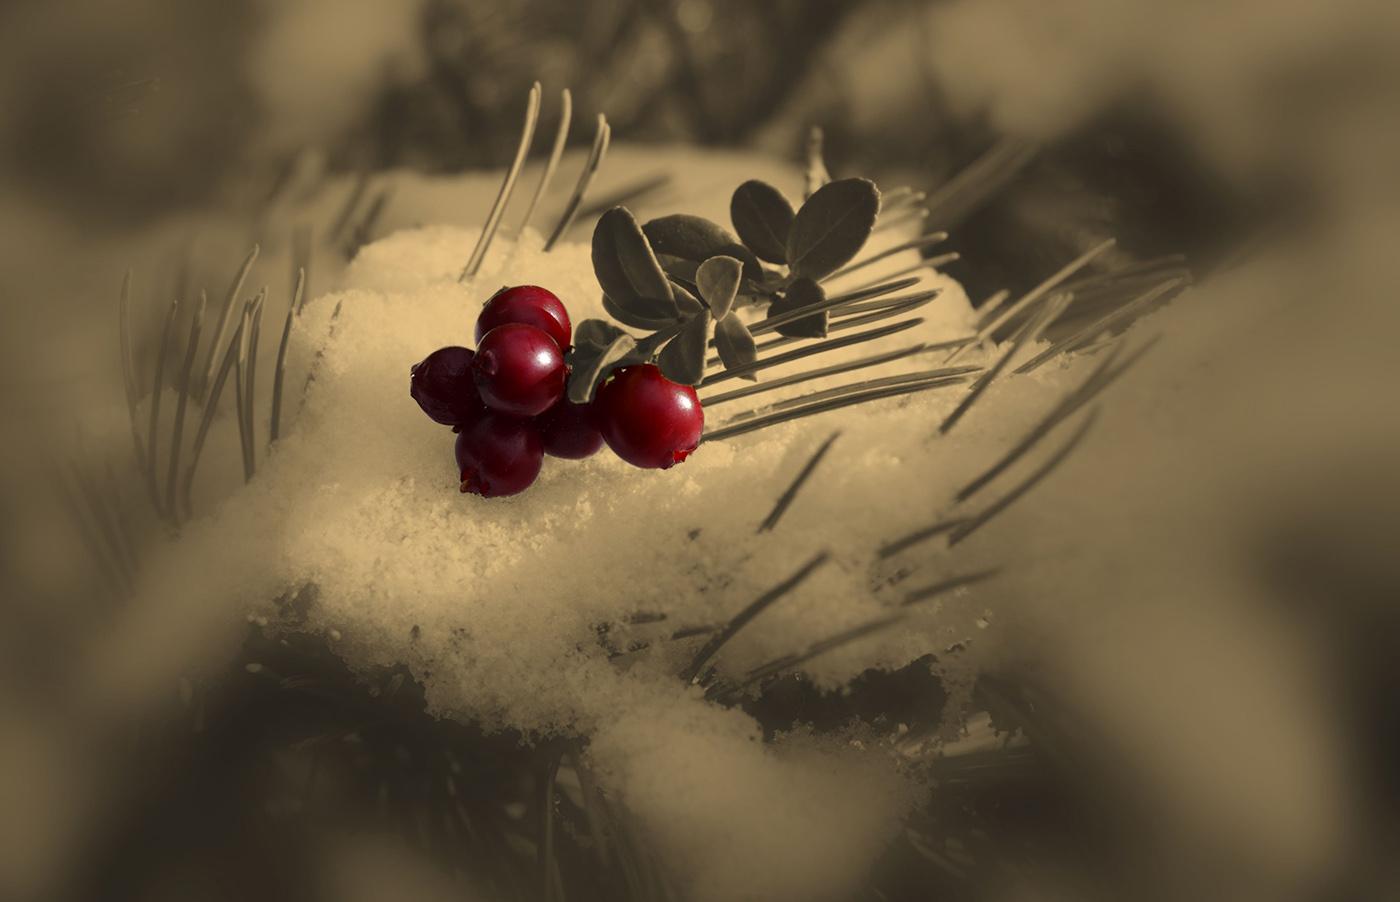 """фото """"Брусничка"""" метки: макро и крупный план, брусника, снег, стланник, ягода"""